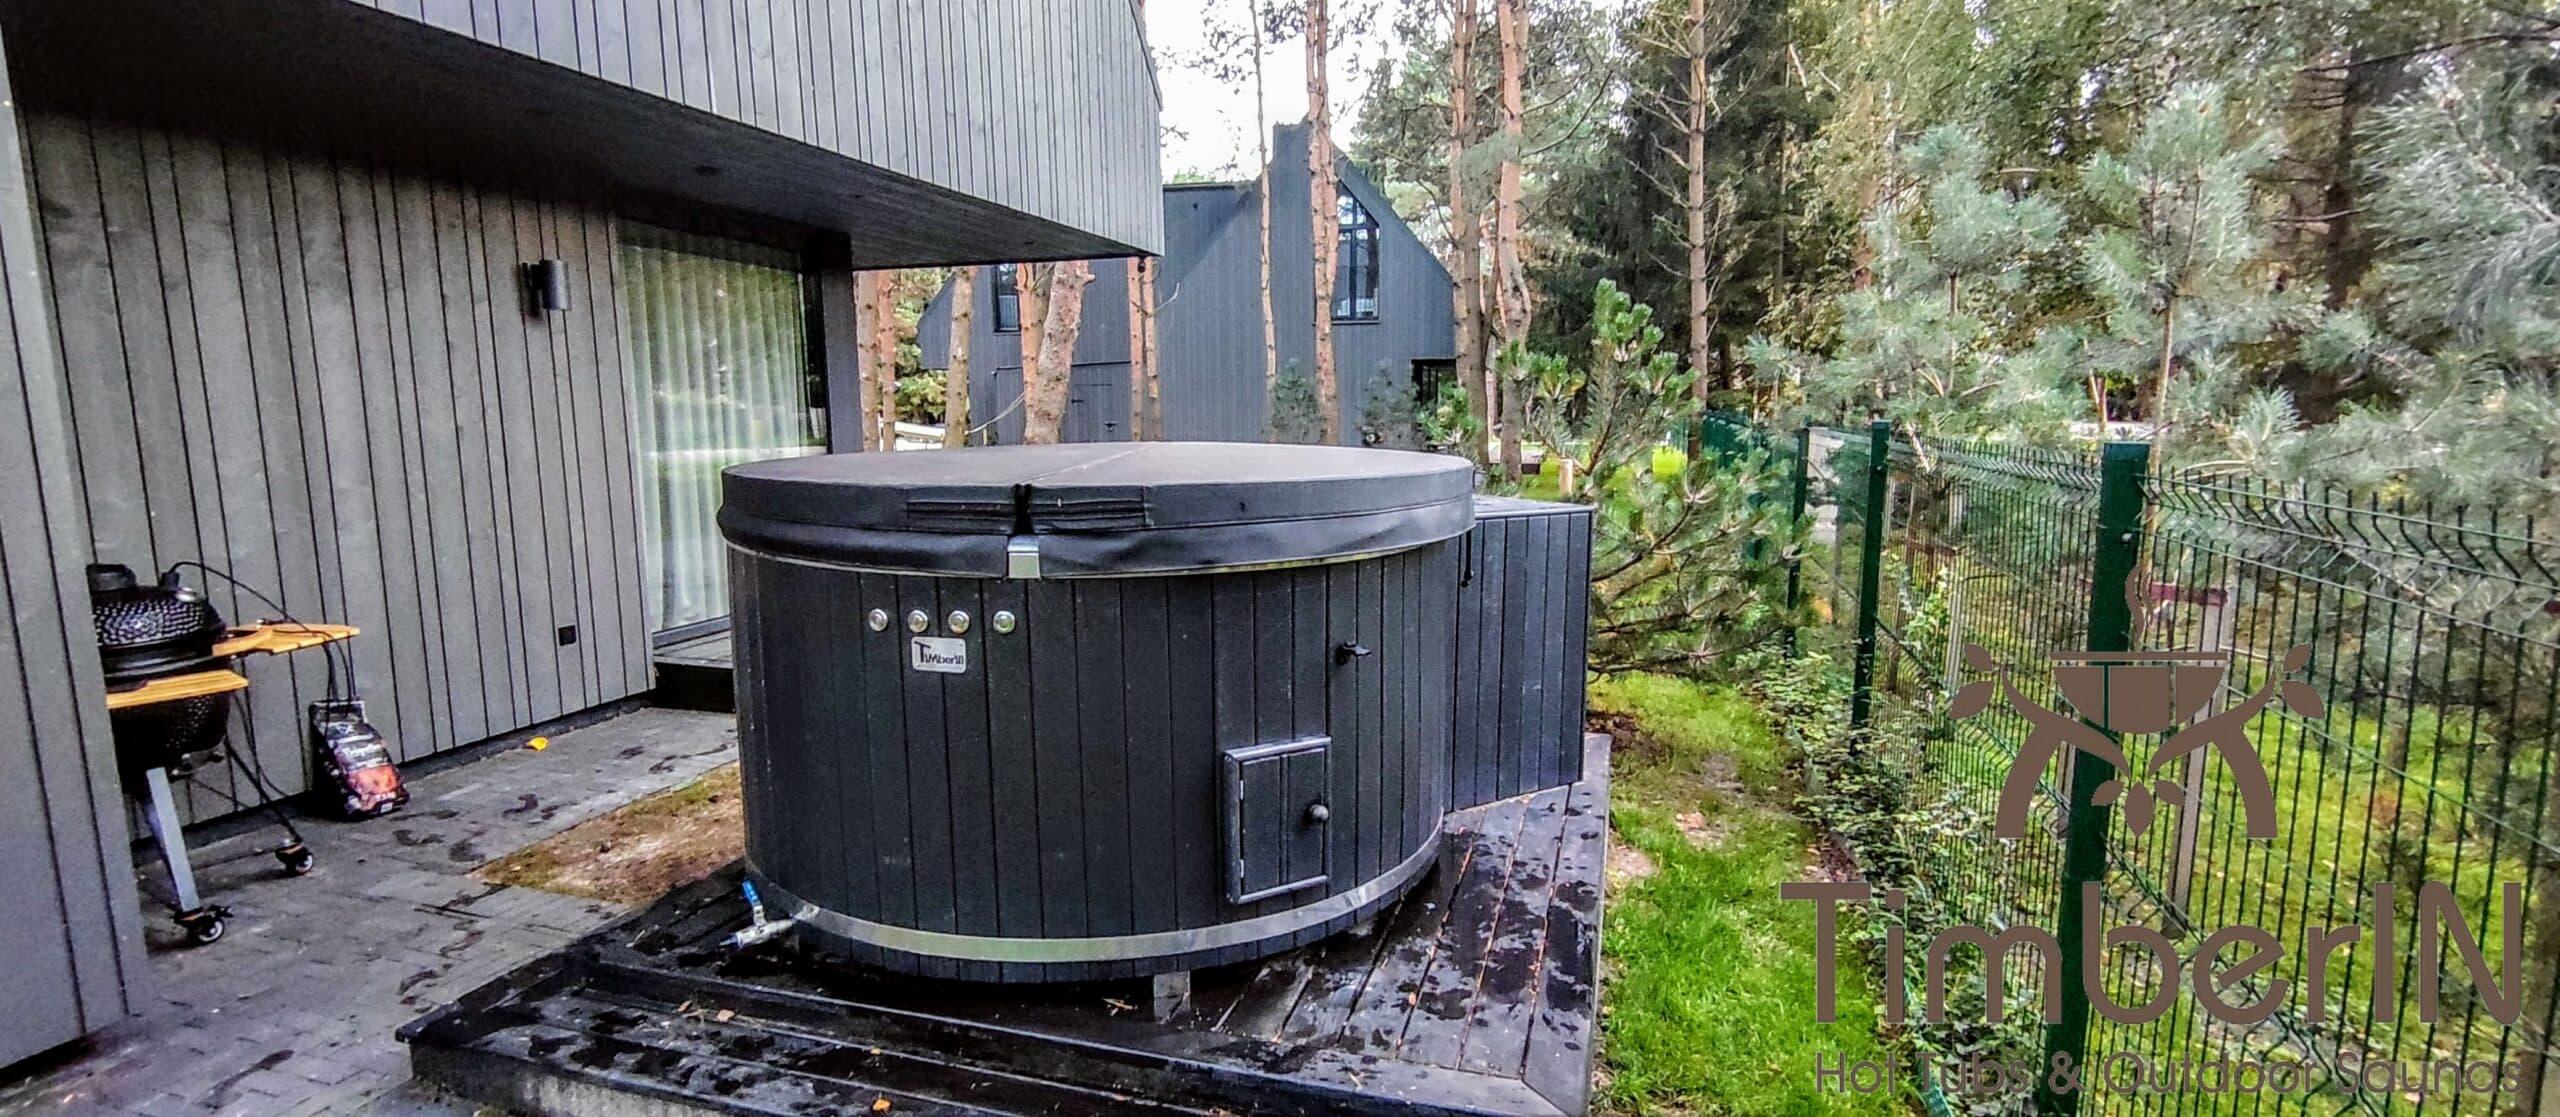 Badezuber elektrisch beheizt mit Elektroheizung 10 scaled